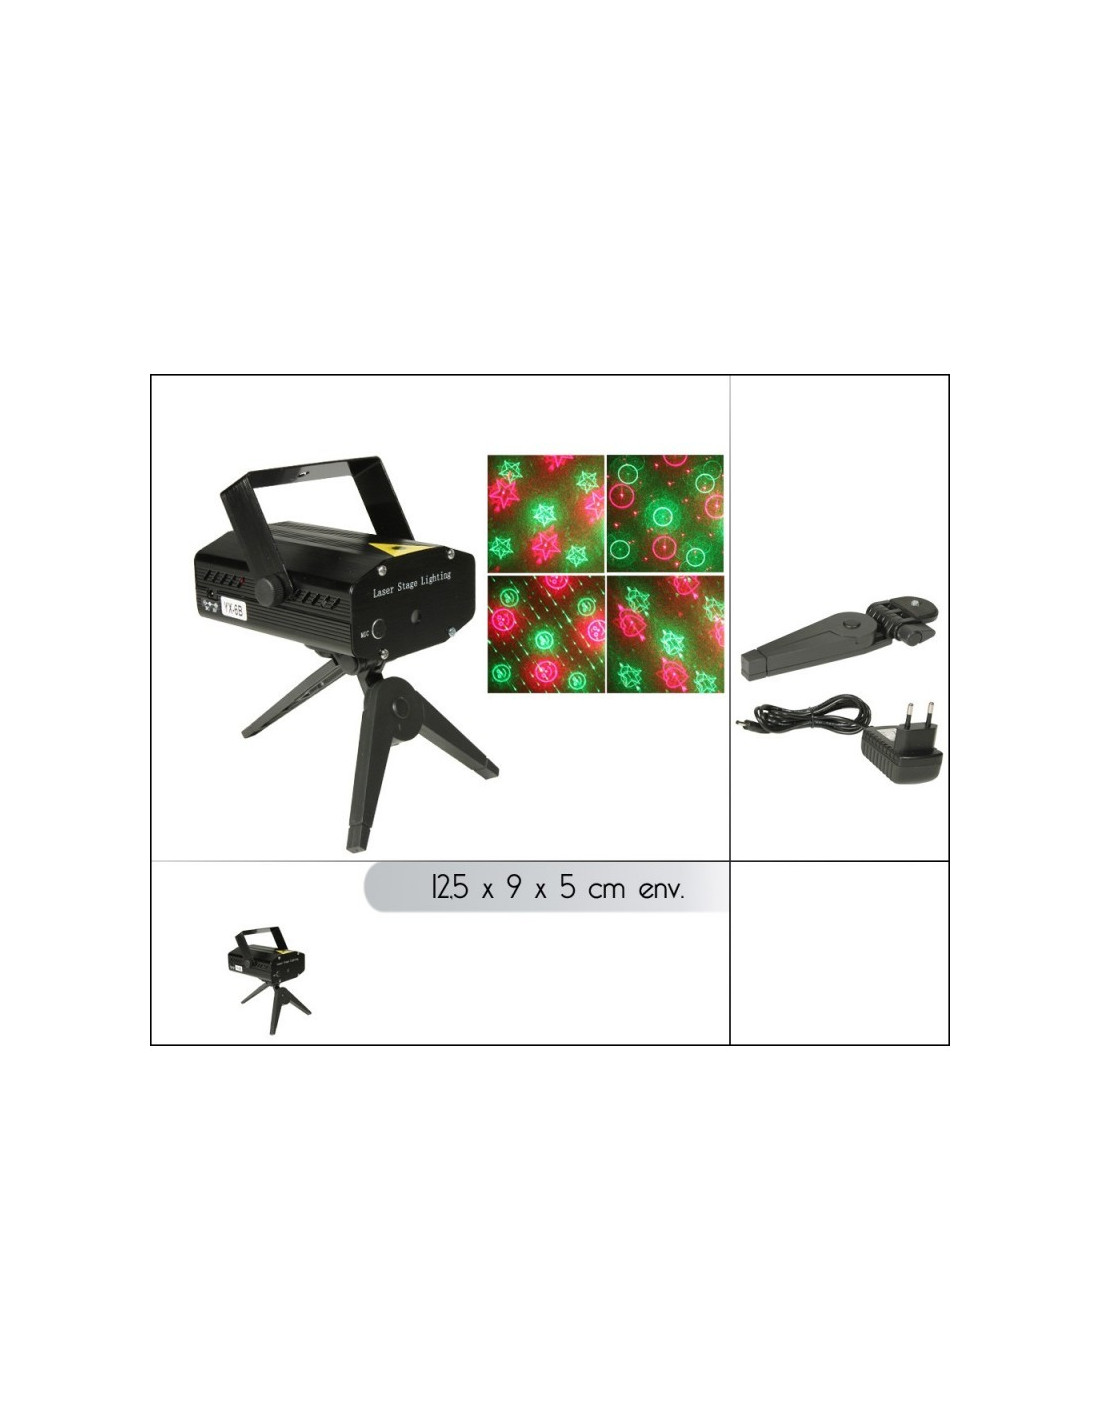 fomax lampe disco avec projecteur laser jeux de lumi res 6en1 hyper brico. Black Bedroom Furniture Sets. Home Design Ideas